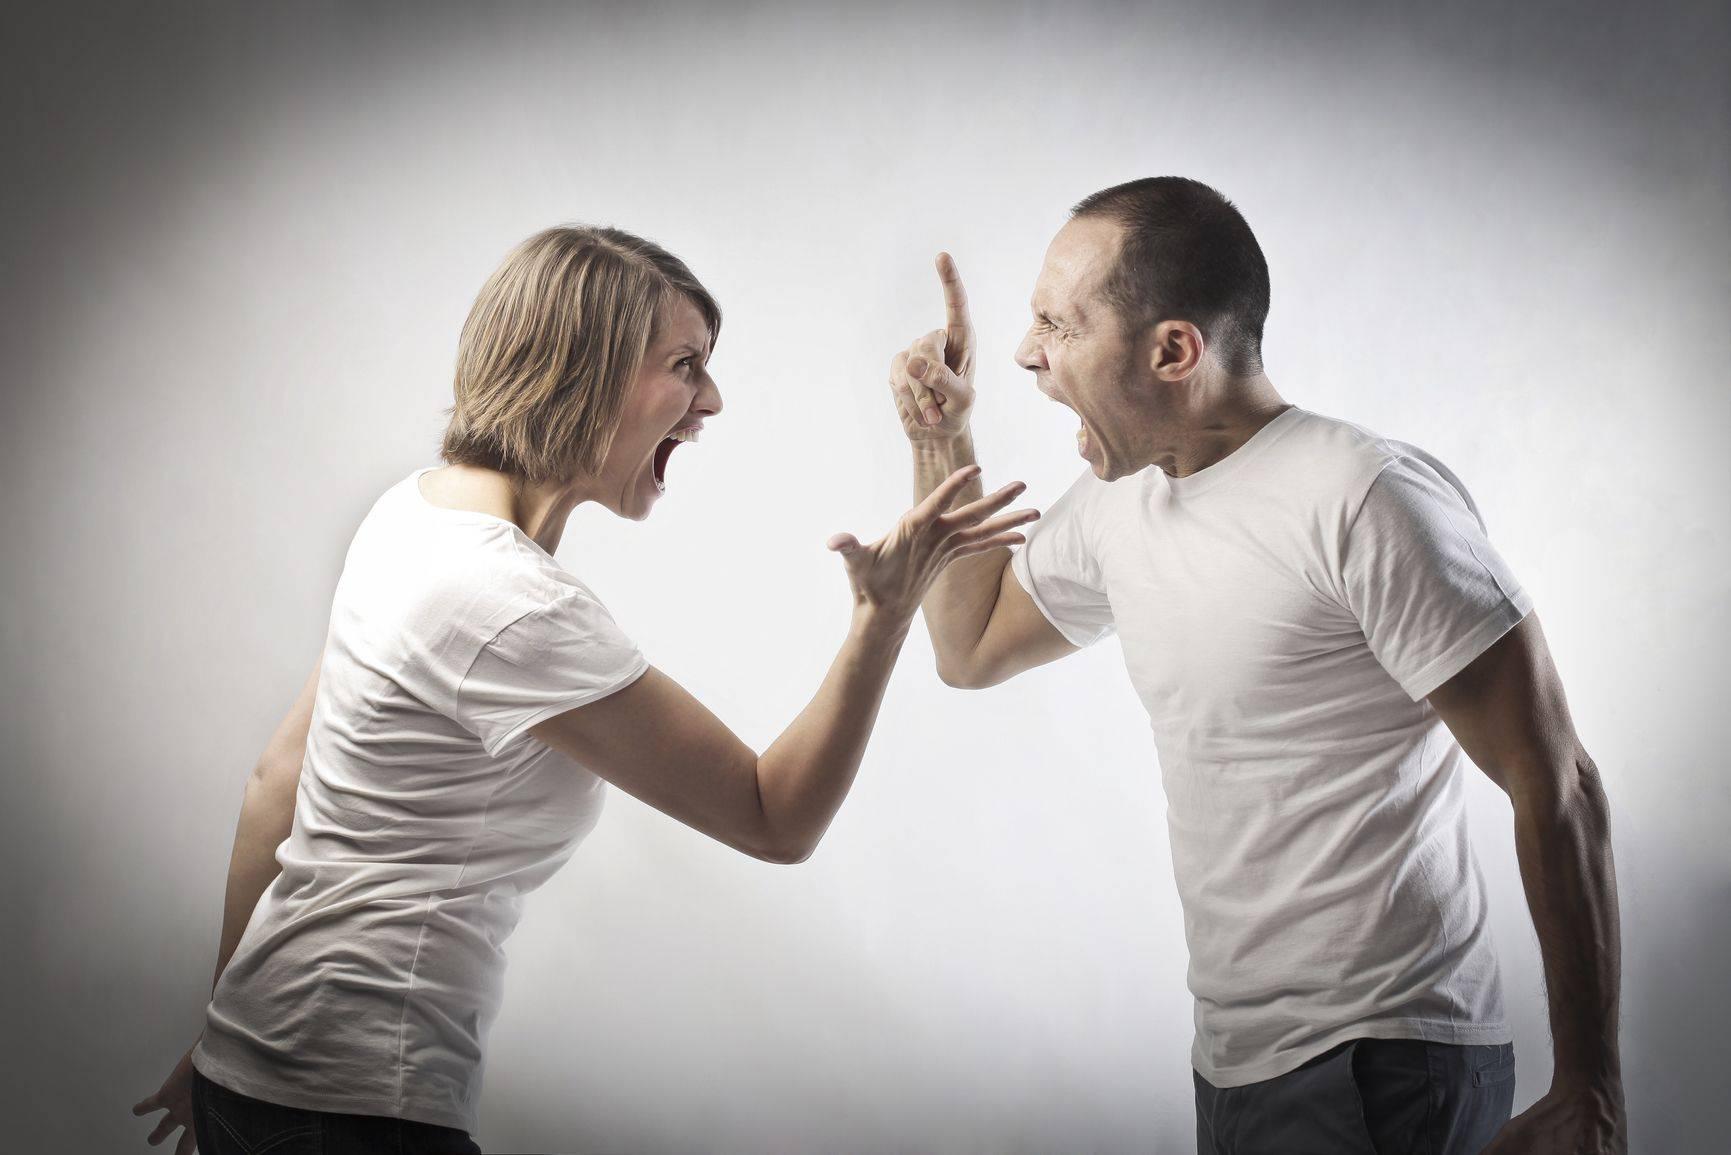 Заговор на ссору двух людей: лучший способ разъеденить людей